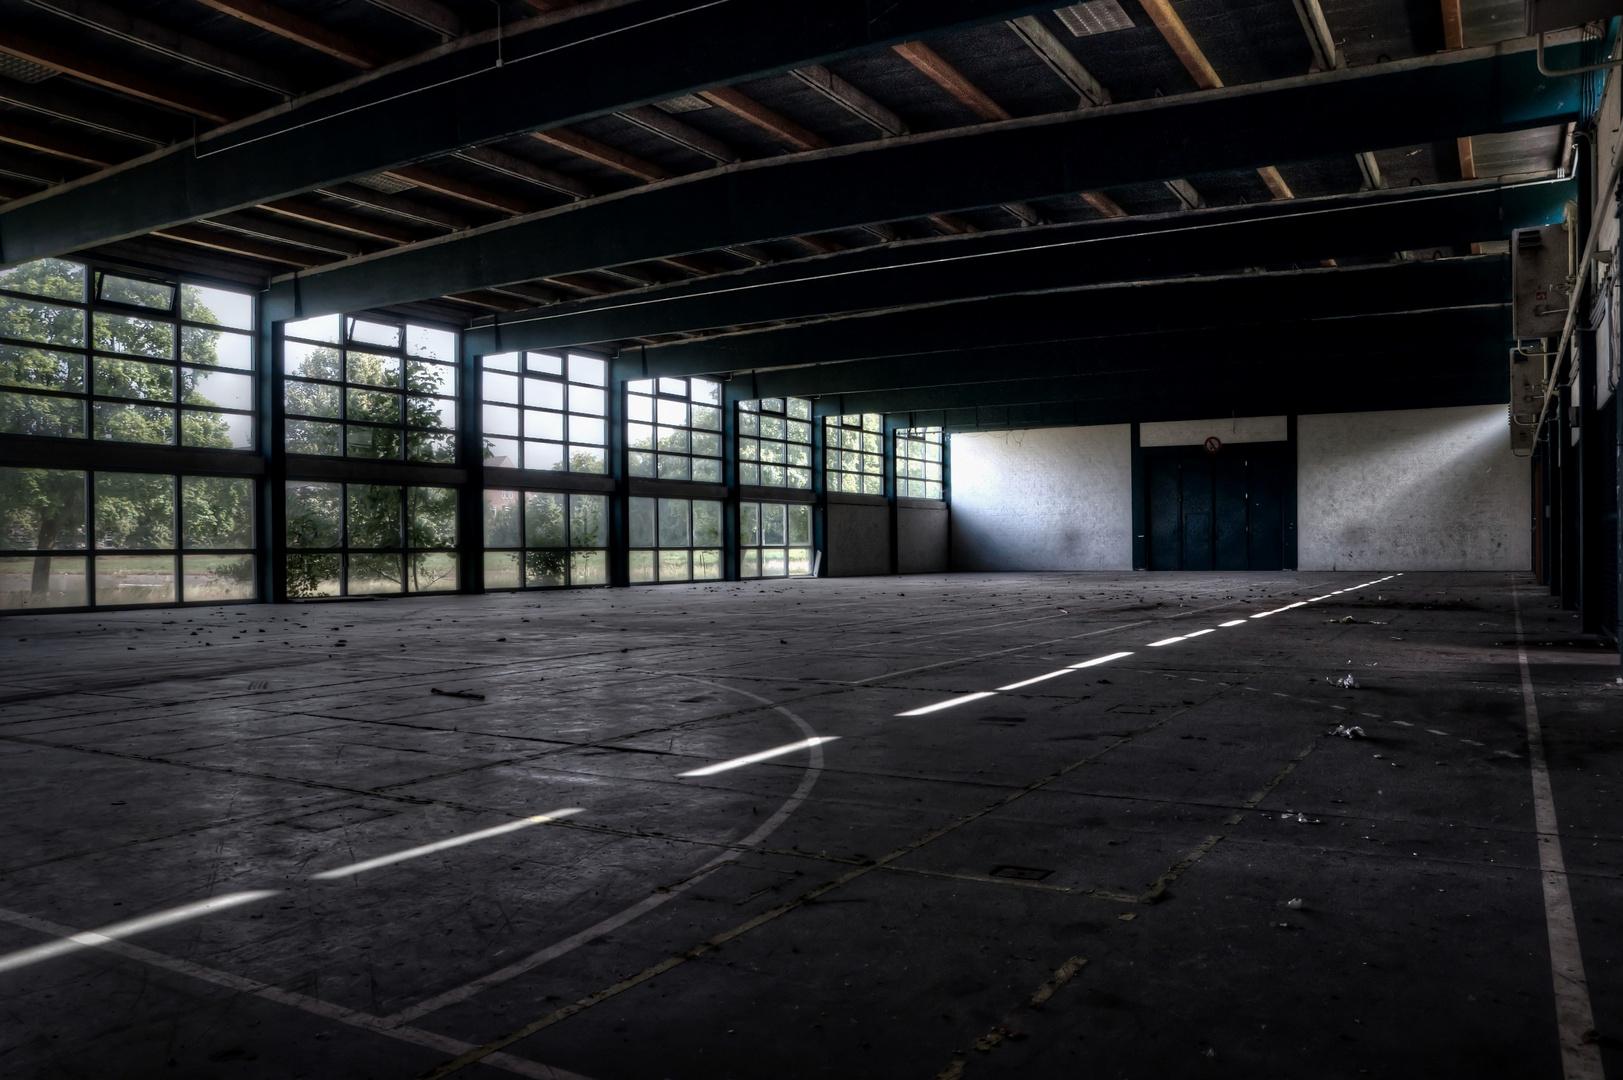 die alte Sporthalle hinterm Zaun ...